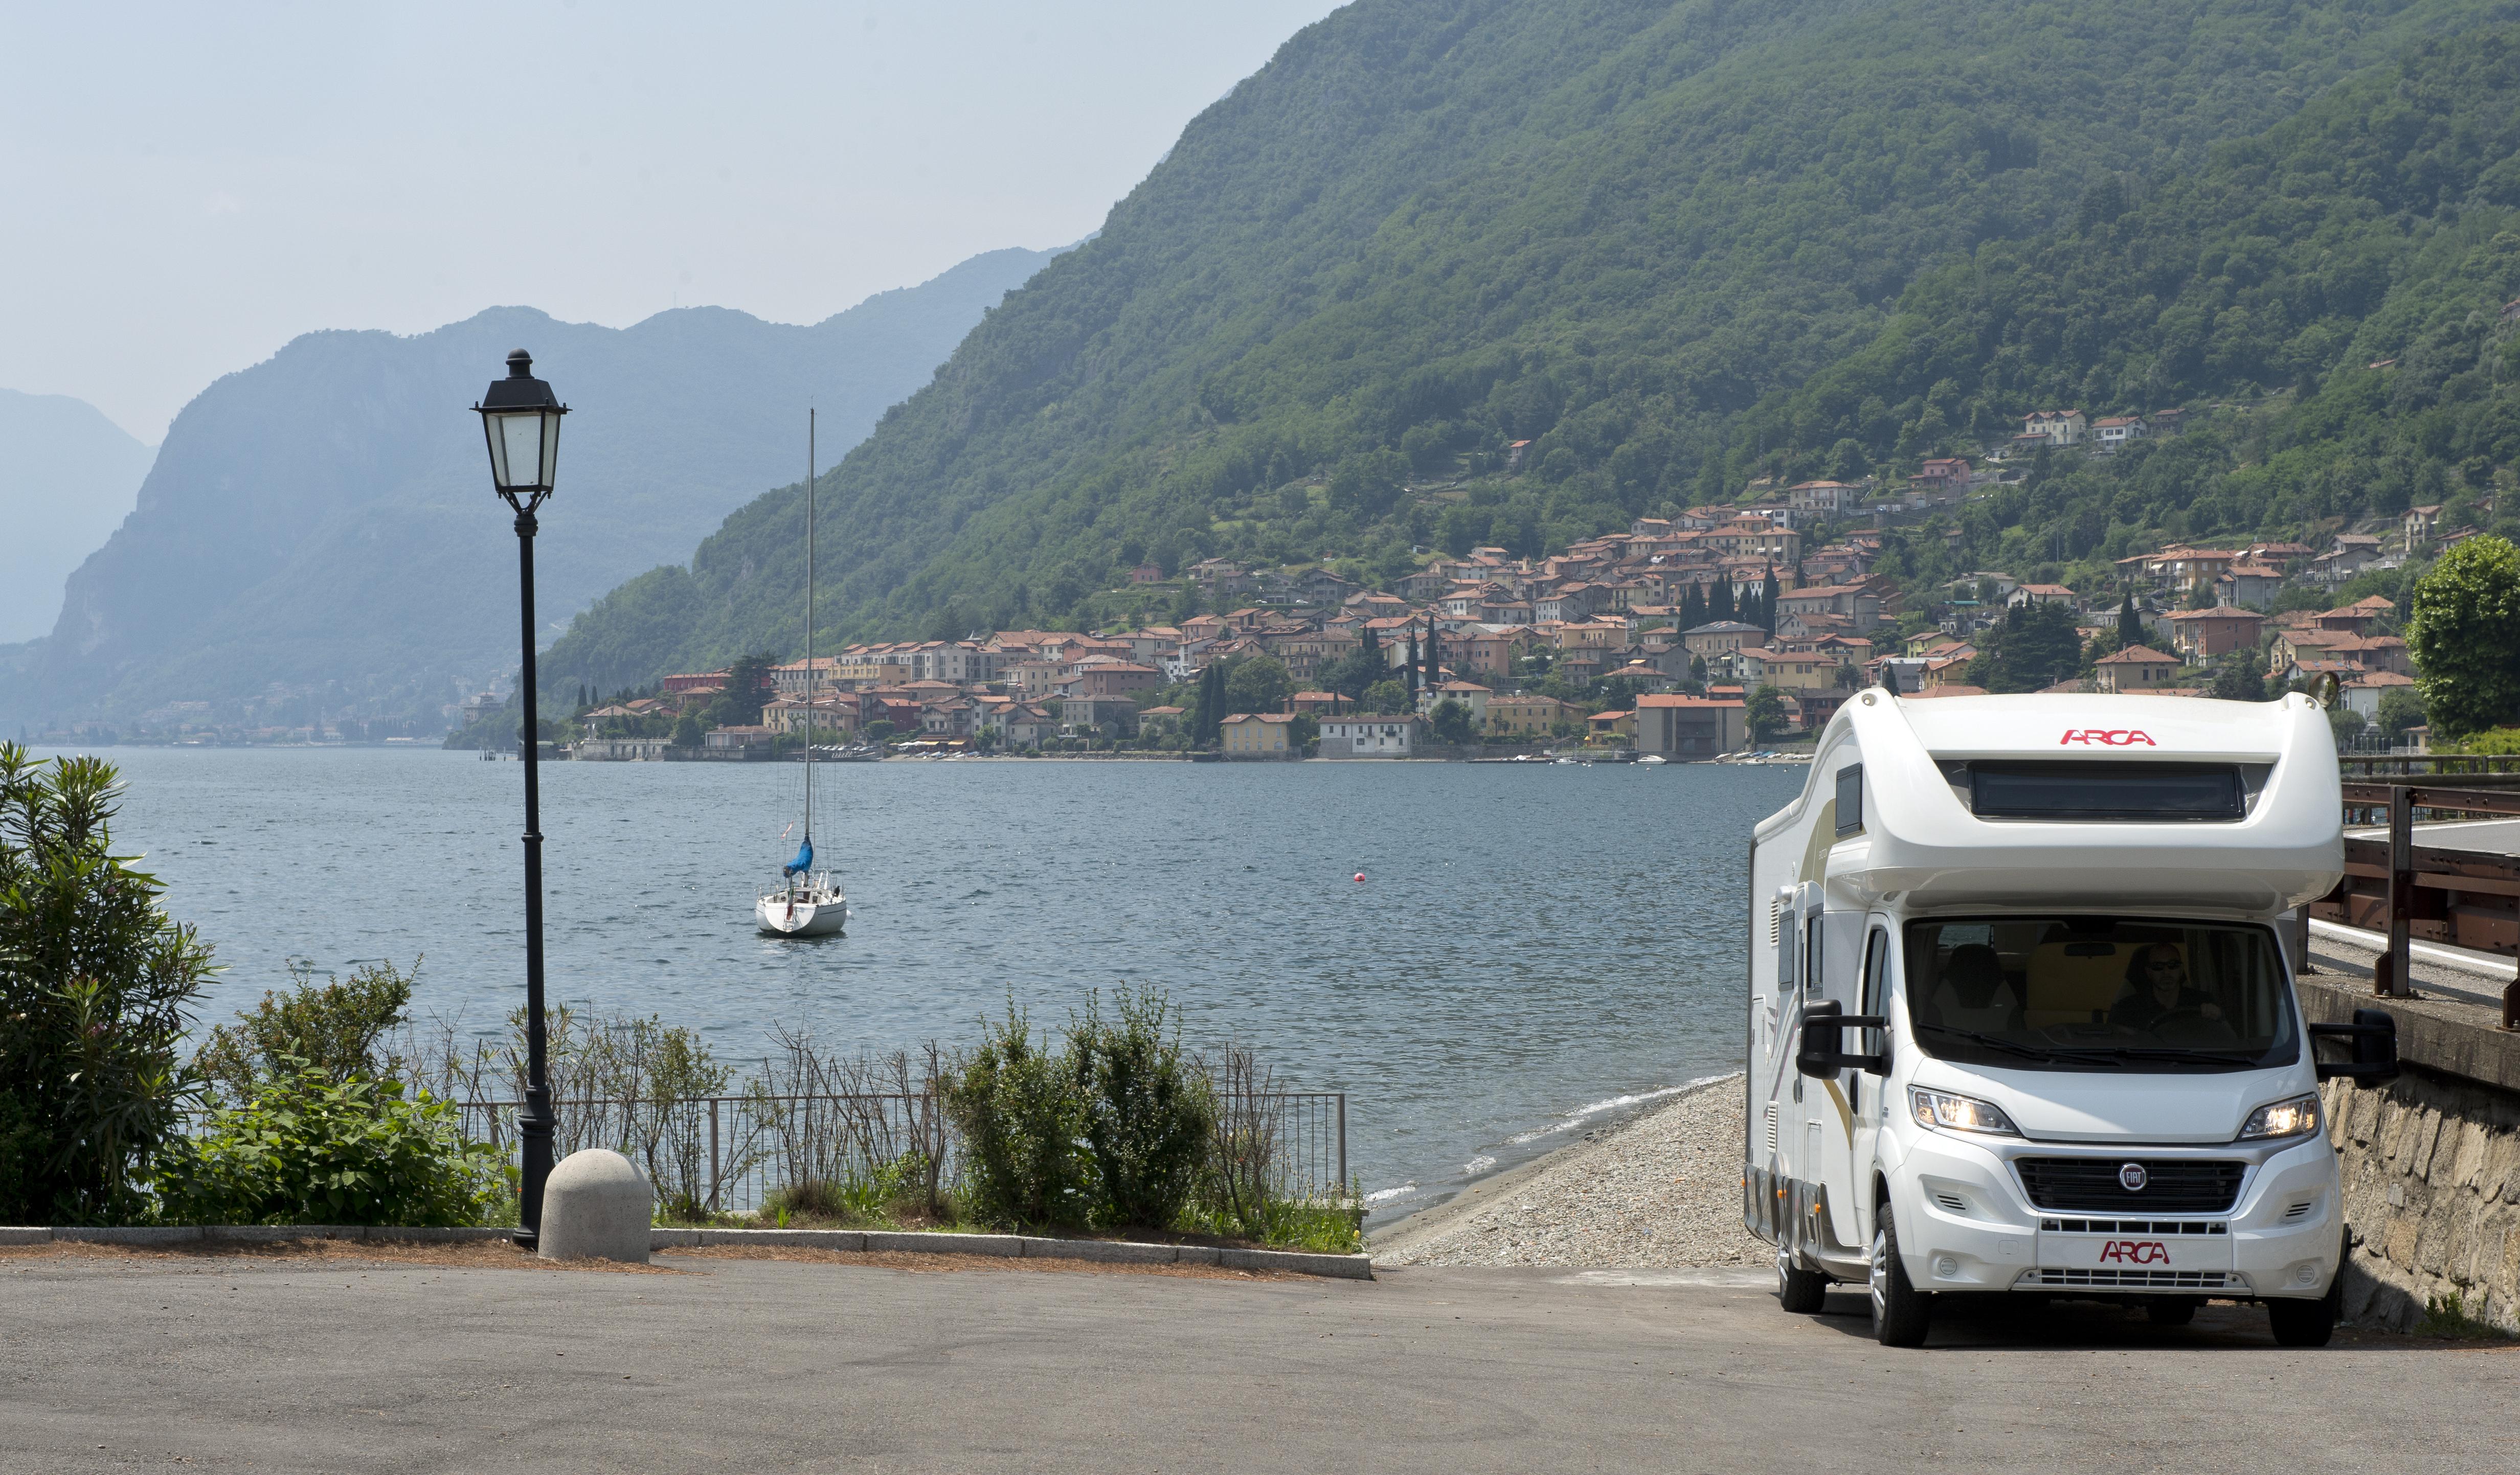 Vacanze in camper: come e perché scegliere un mansardato